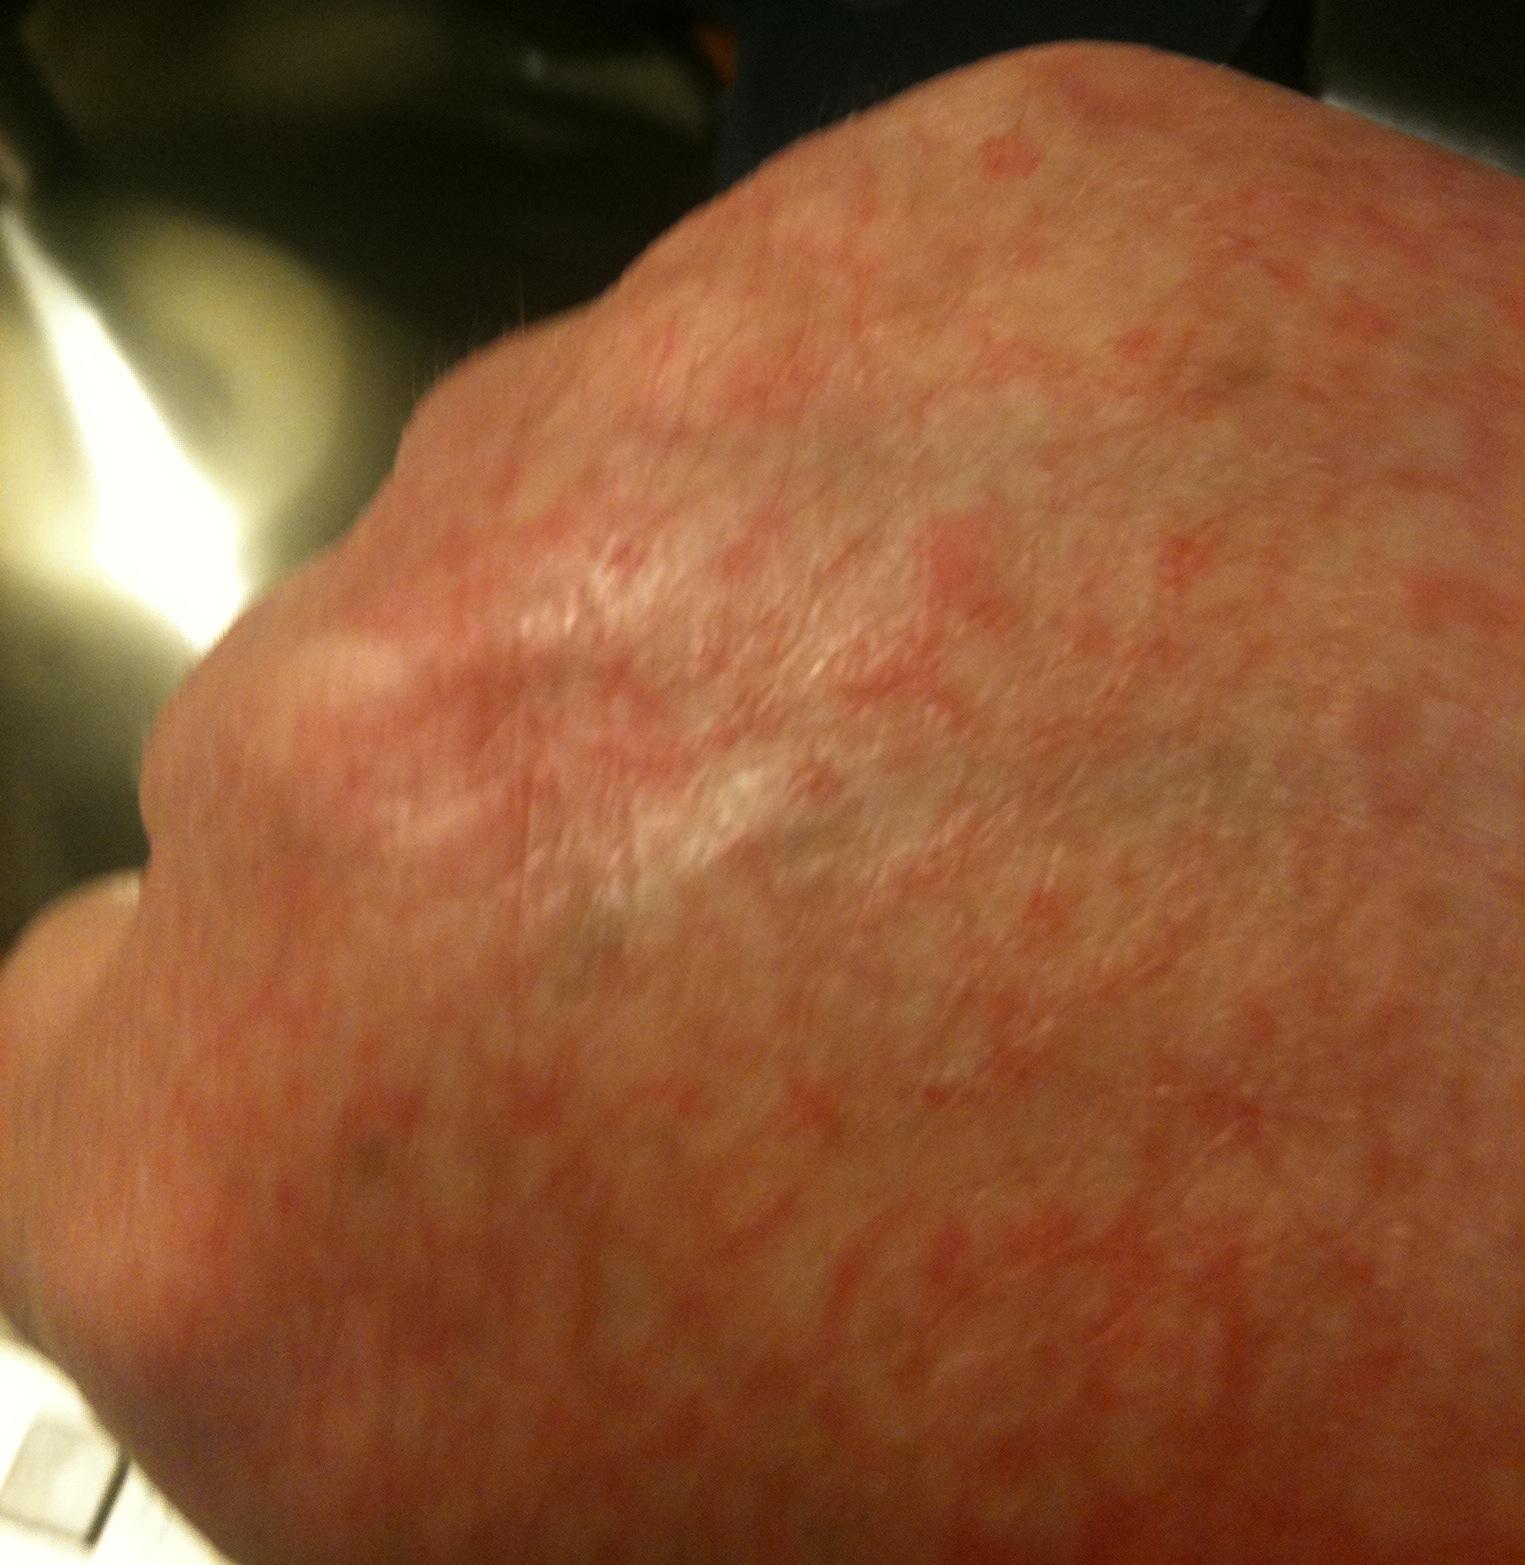 dermatitis on top of hands - photo #39